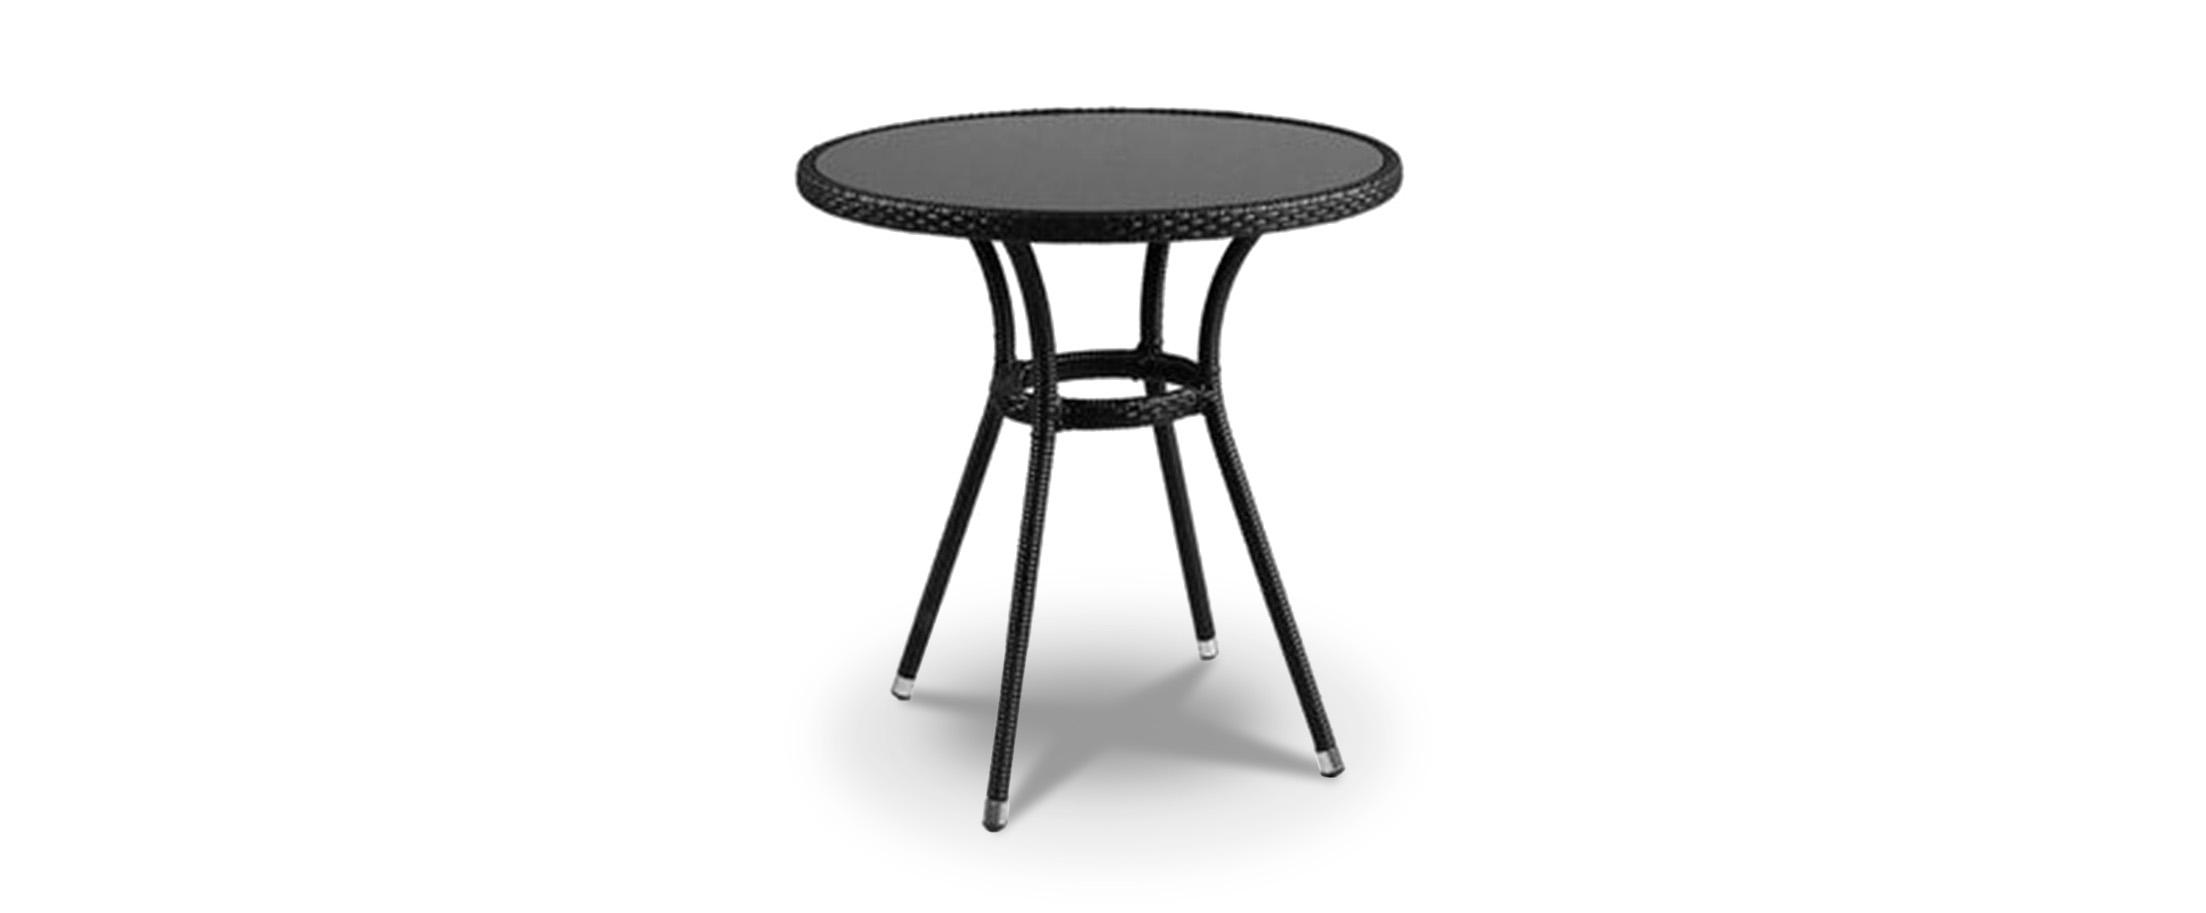 Стол круглый Модель 296Решение для дачи в классическом стиле. Сидеть за таким столом так же уютно, как в одном из открытых французских кафе. Сделан из искусственного ротанга.<br>